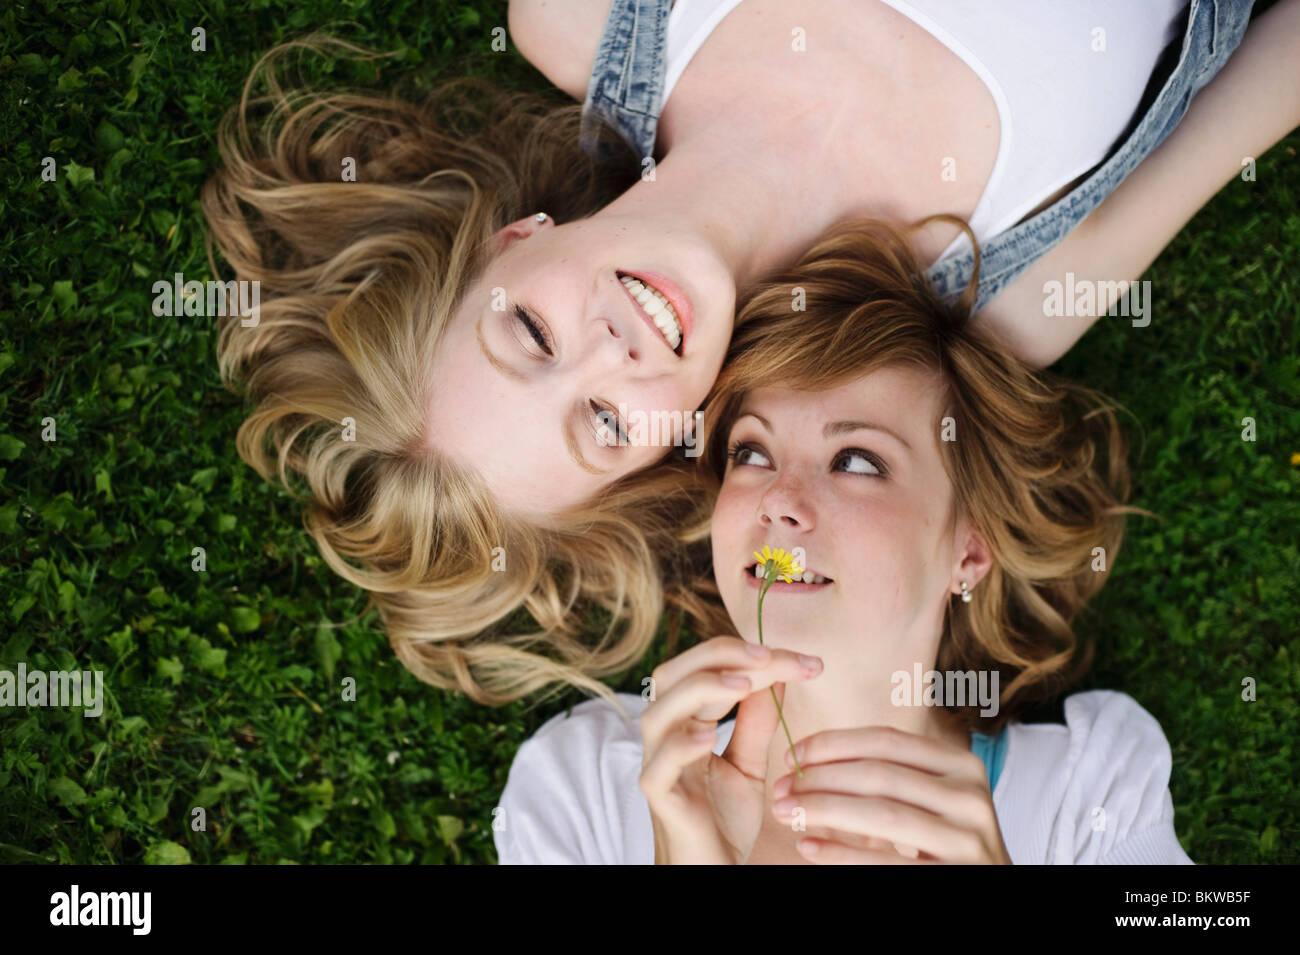 Primer plano de arriba sobre dos niñas Imagen De Stock